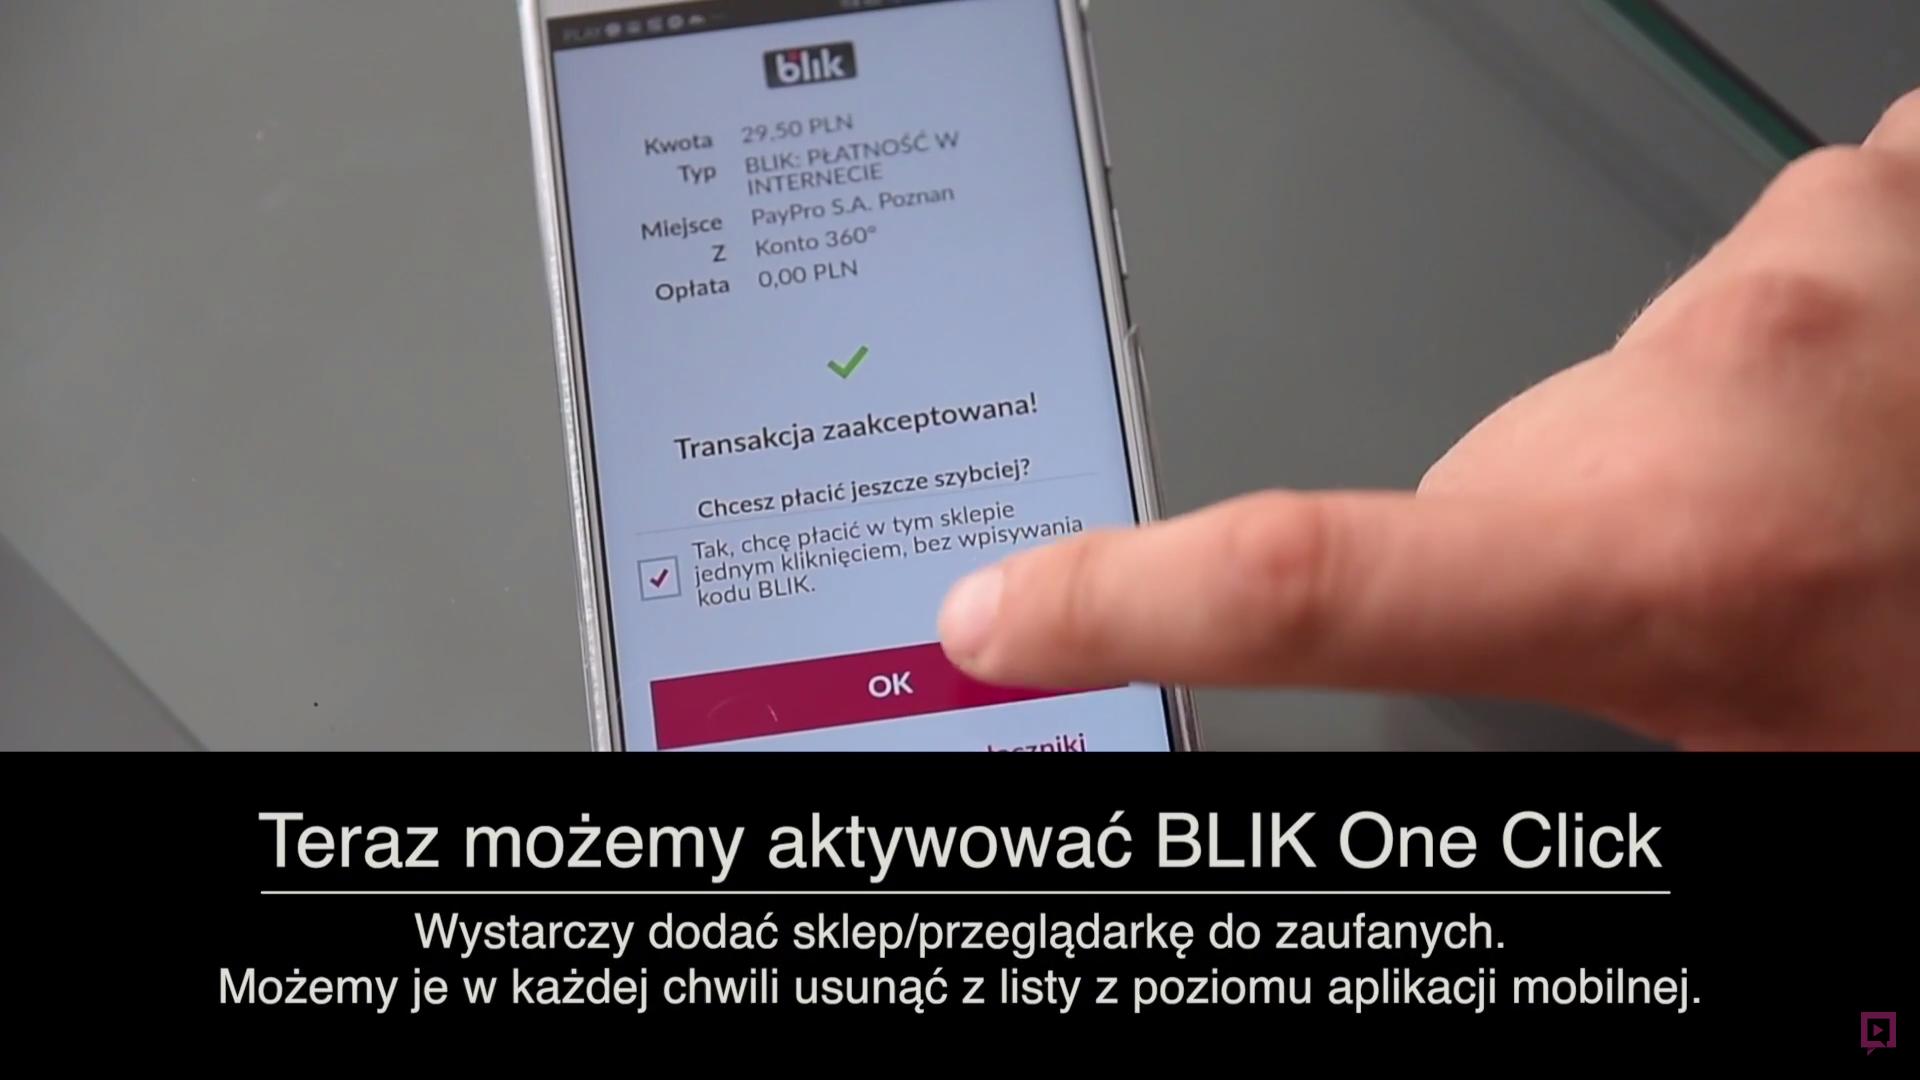 Polacy stworzyli prawdopodobnie najlepszą metodę płatności w Internecie. Oto Blik One Click.